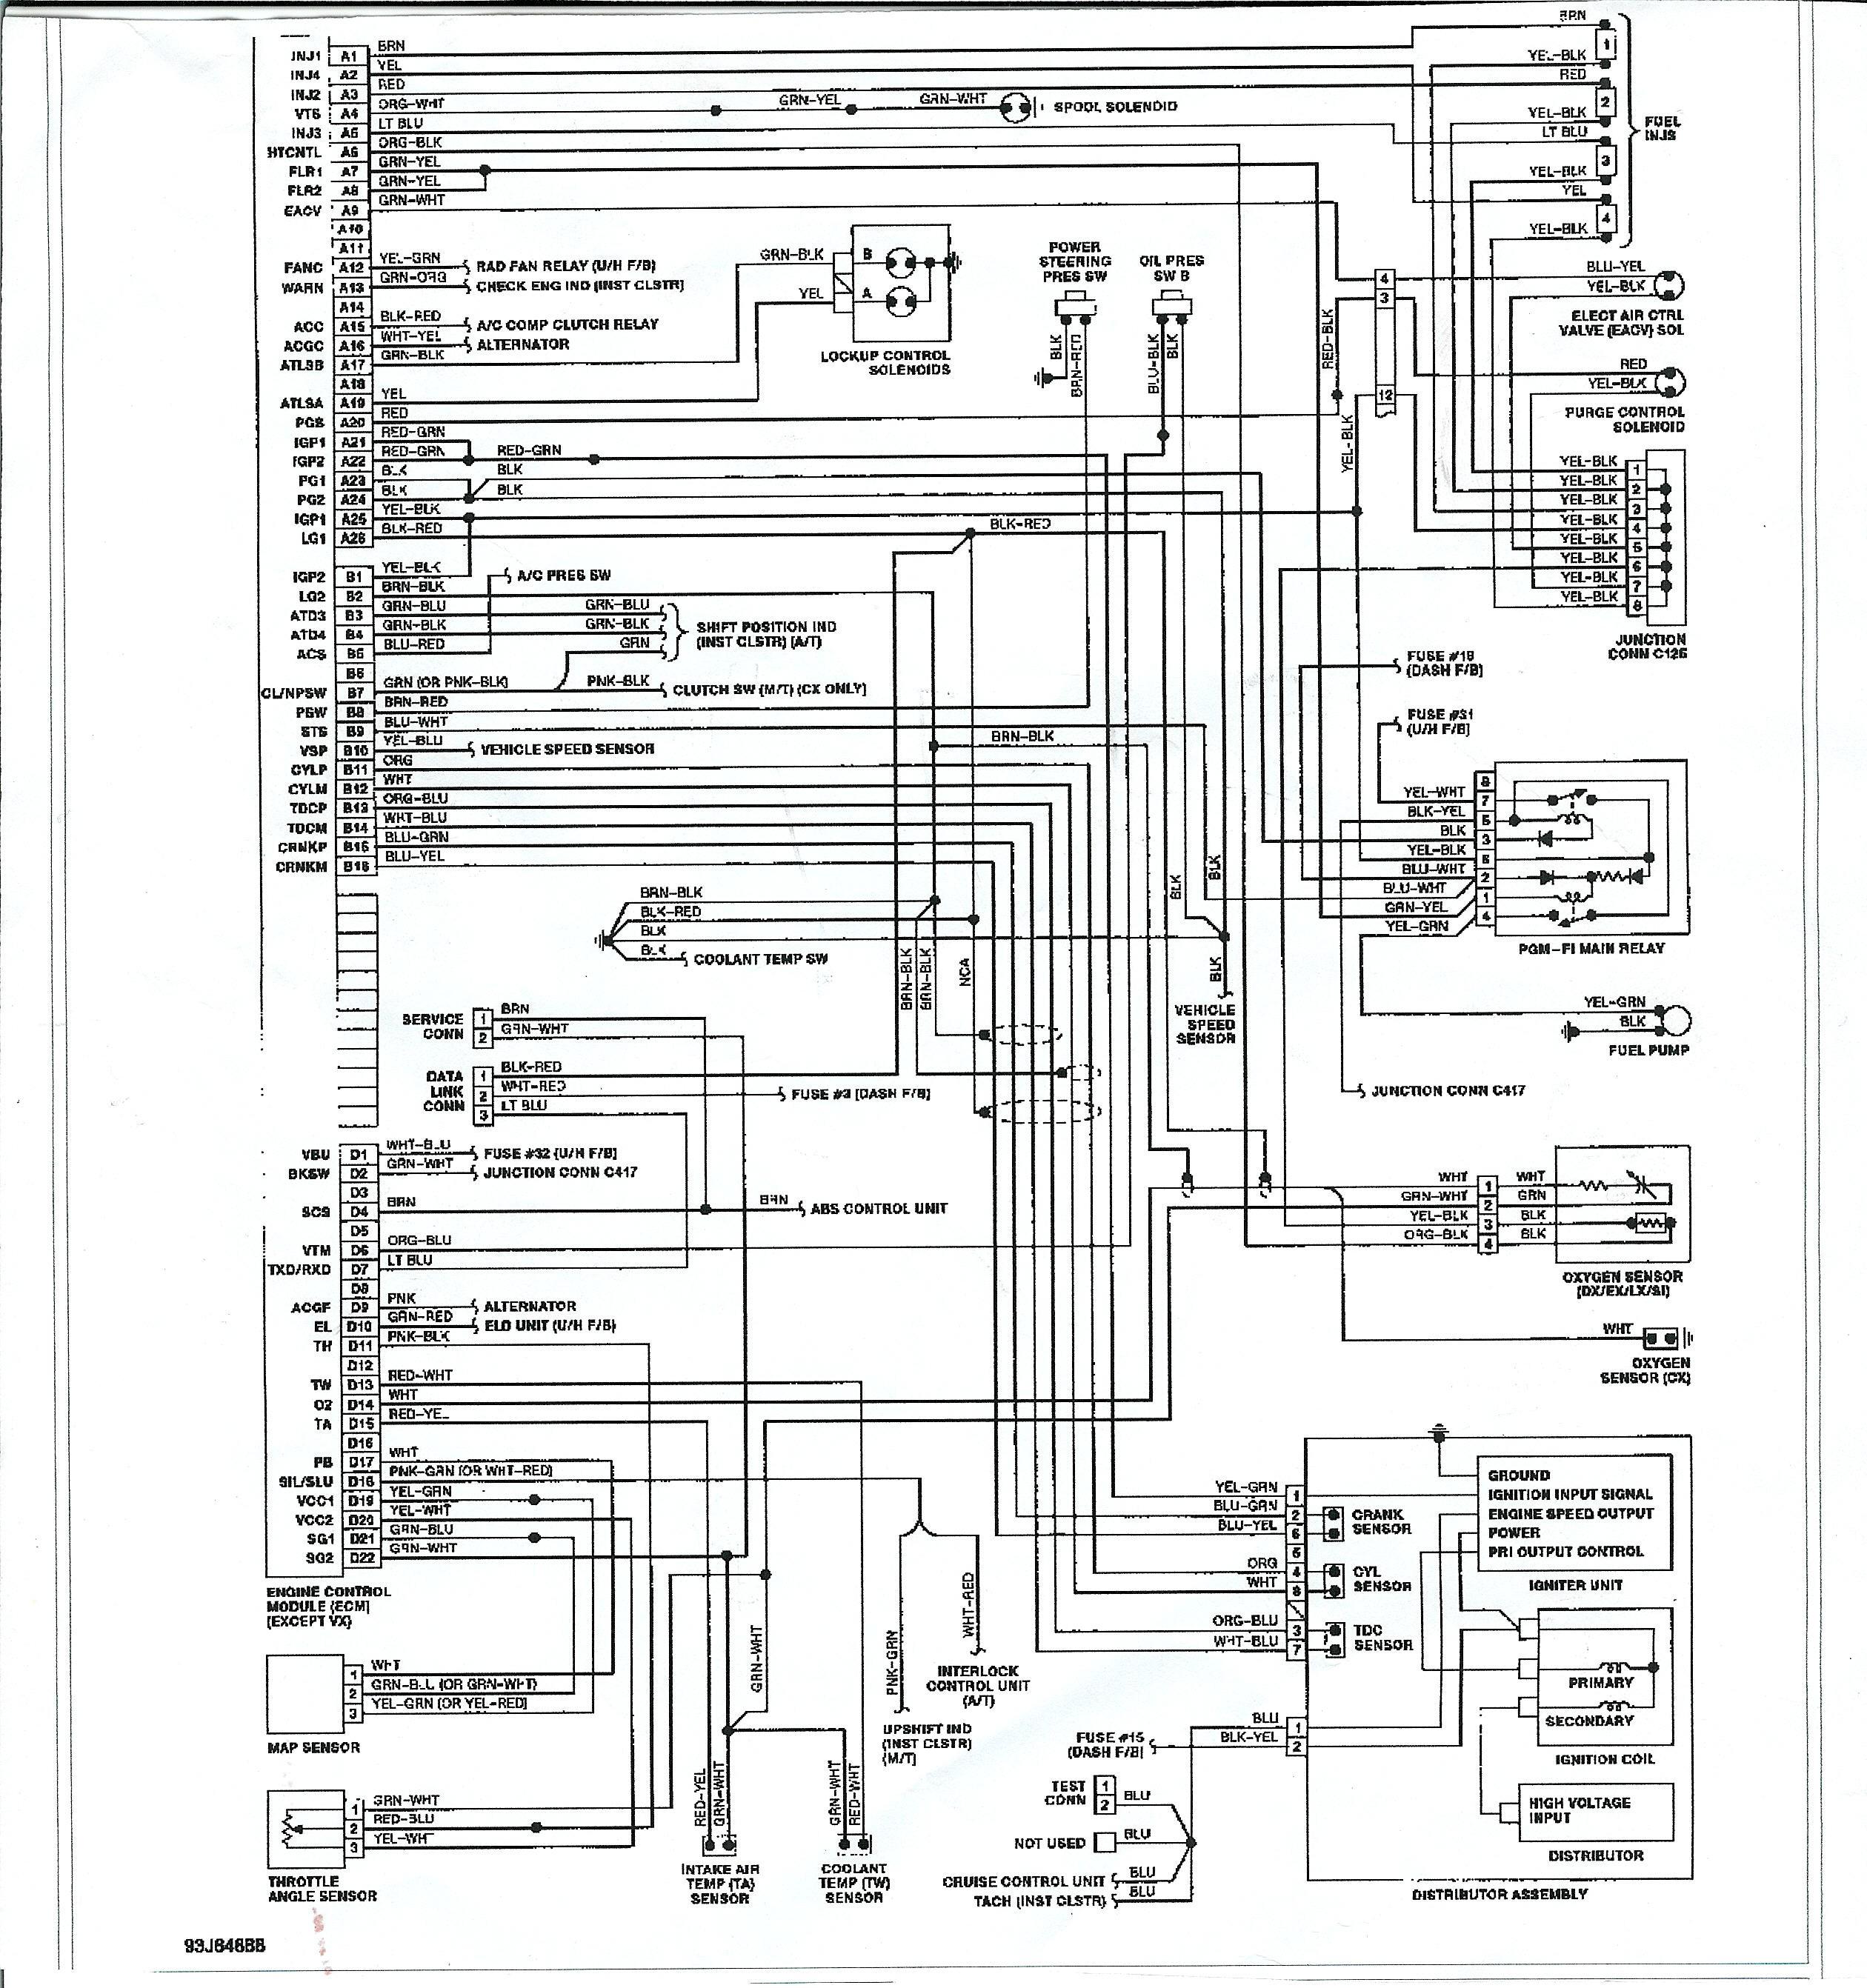 Honda Wiring Diagram Vw Transporter Wiring Diagram 95 Honda Civic Transmission Diagram Of Honda Wiring Diagram